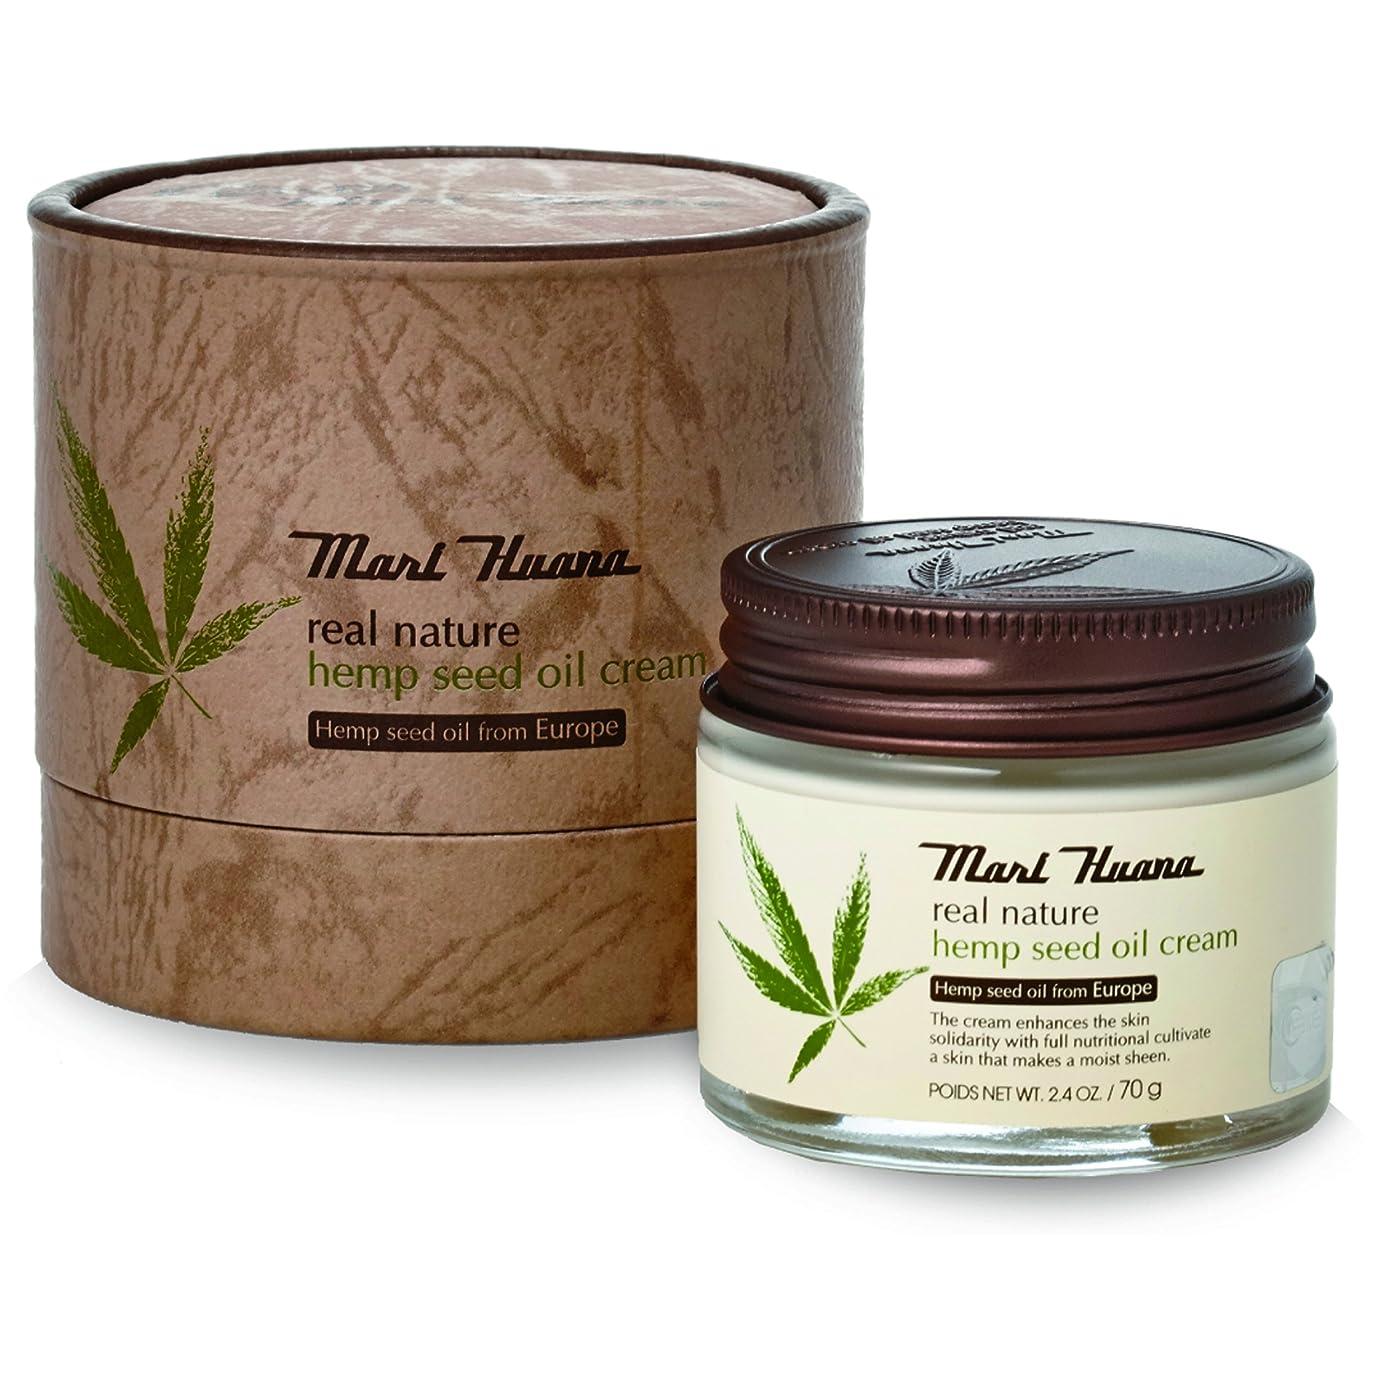 大破トンネル帰する[訳有り?OUTLET] Marihuana Real Natural Hemp Seed Oil Cream マリーフアナ リアルナチュラルヘンプシードオイルクリーム [並行輸入品]